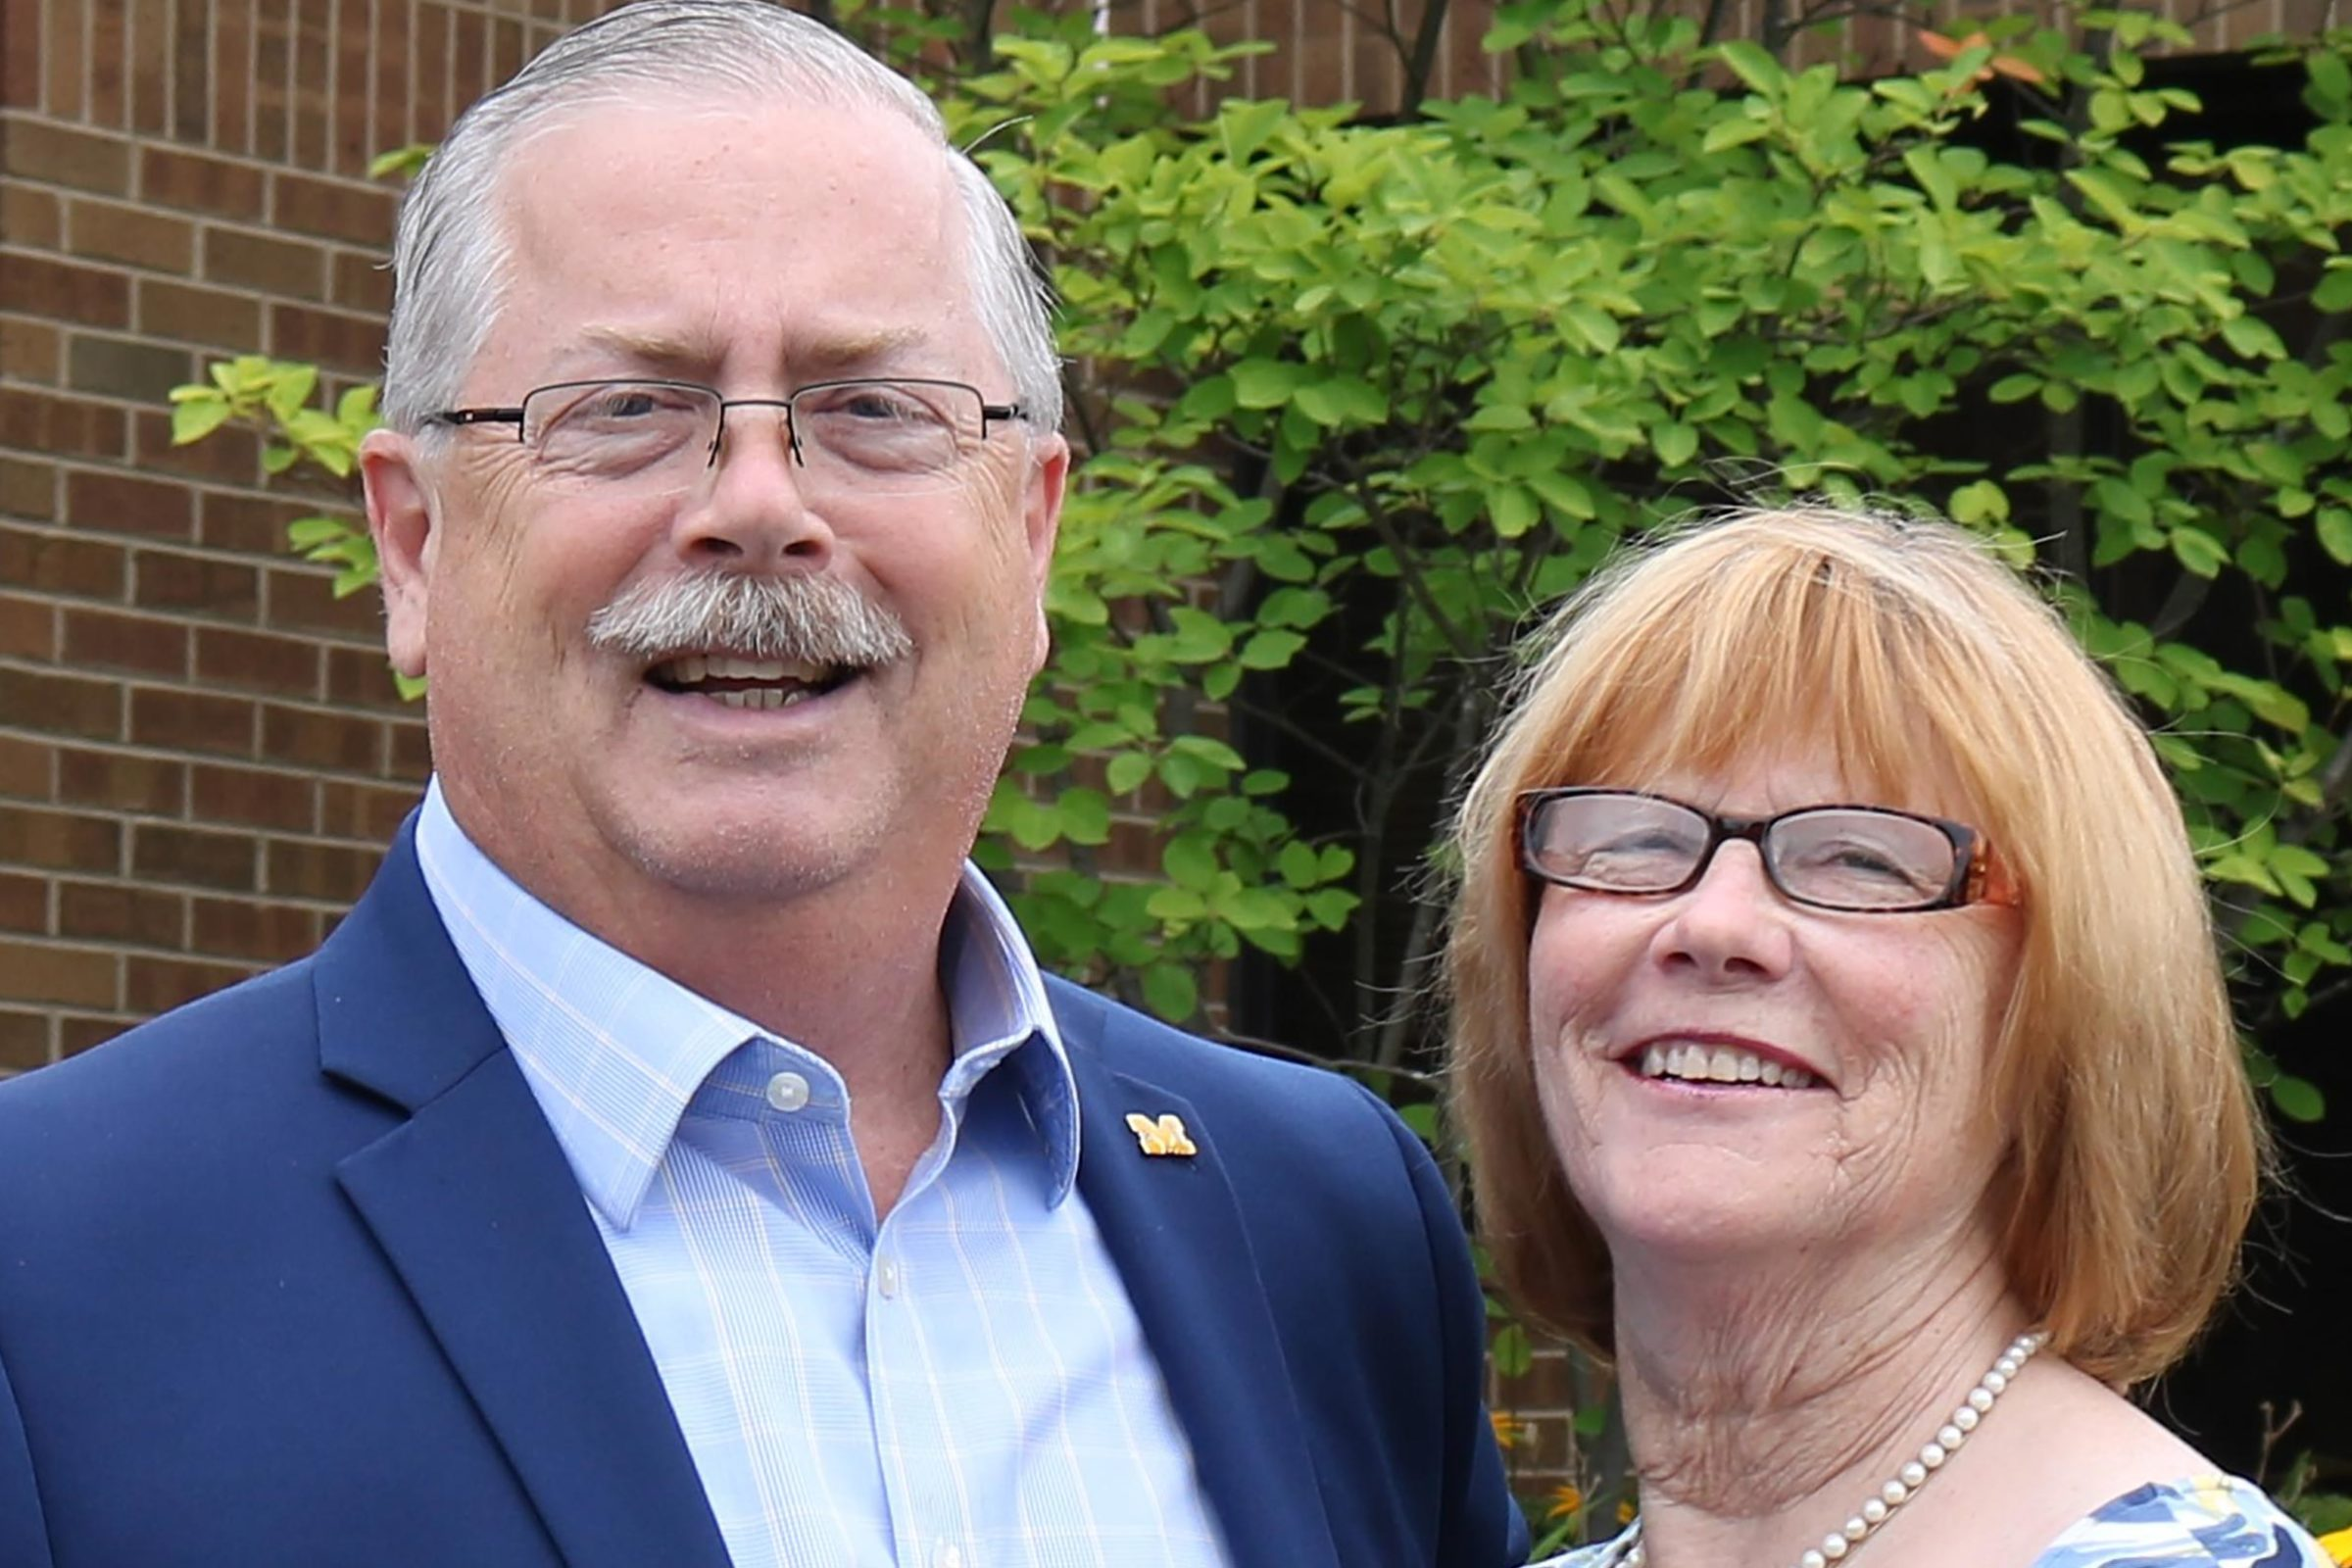 Carol Ann and Jim Fausone selected for David B. Hermelin Award